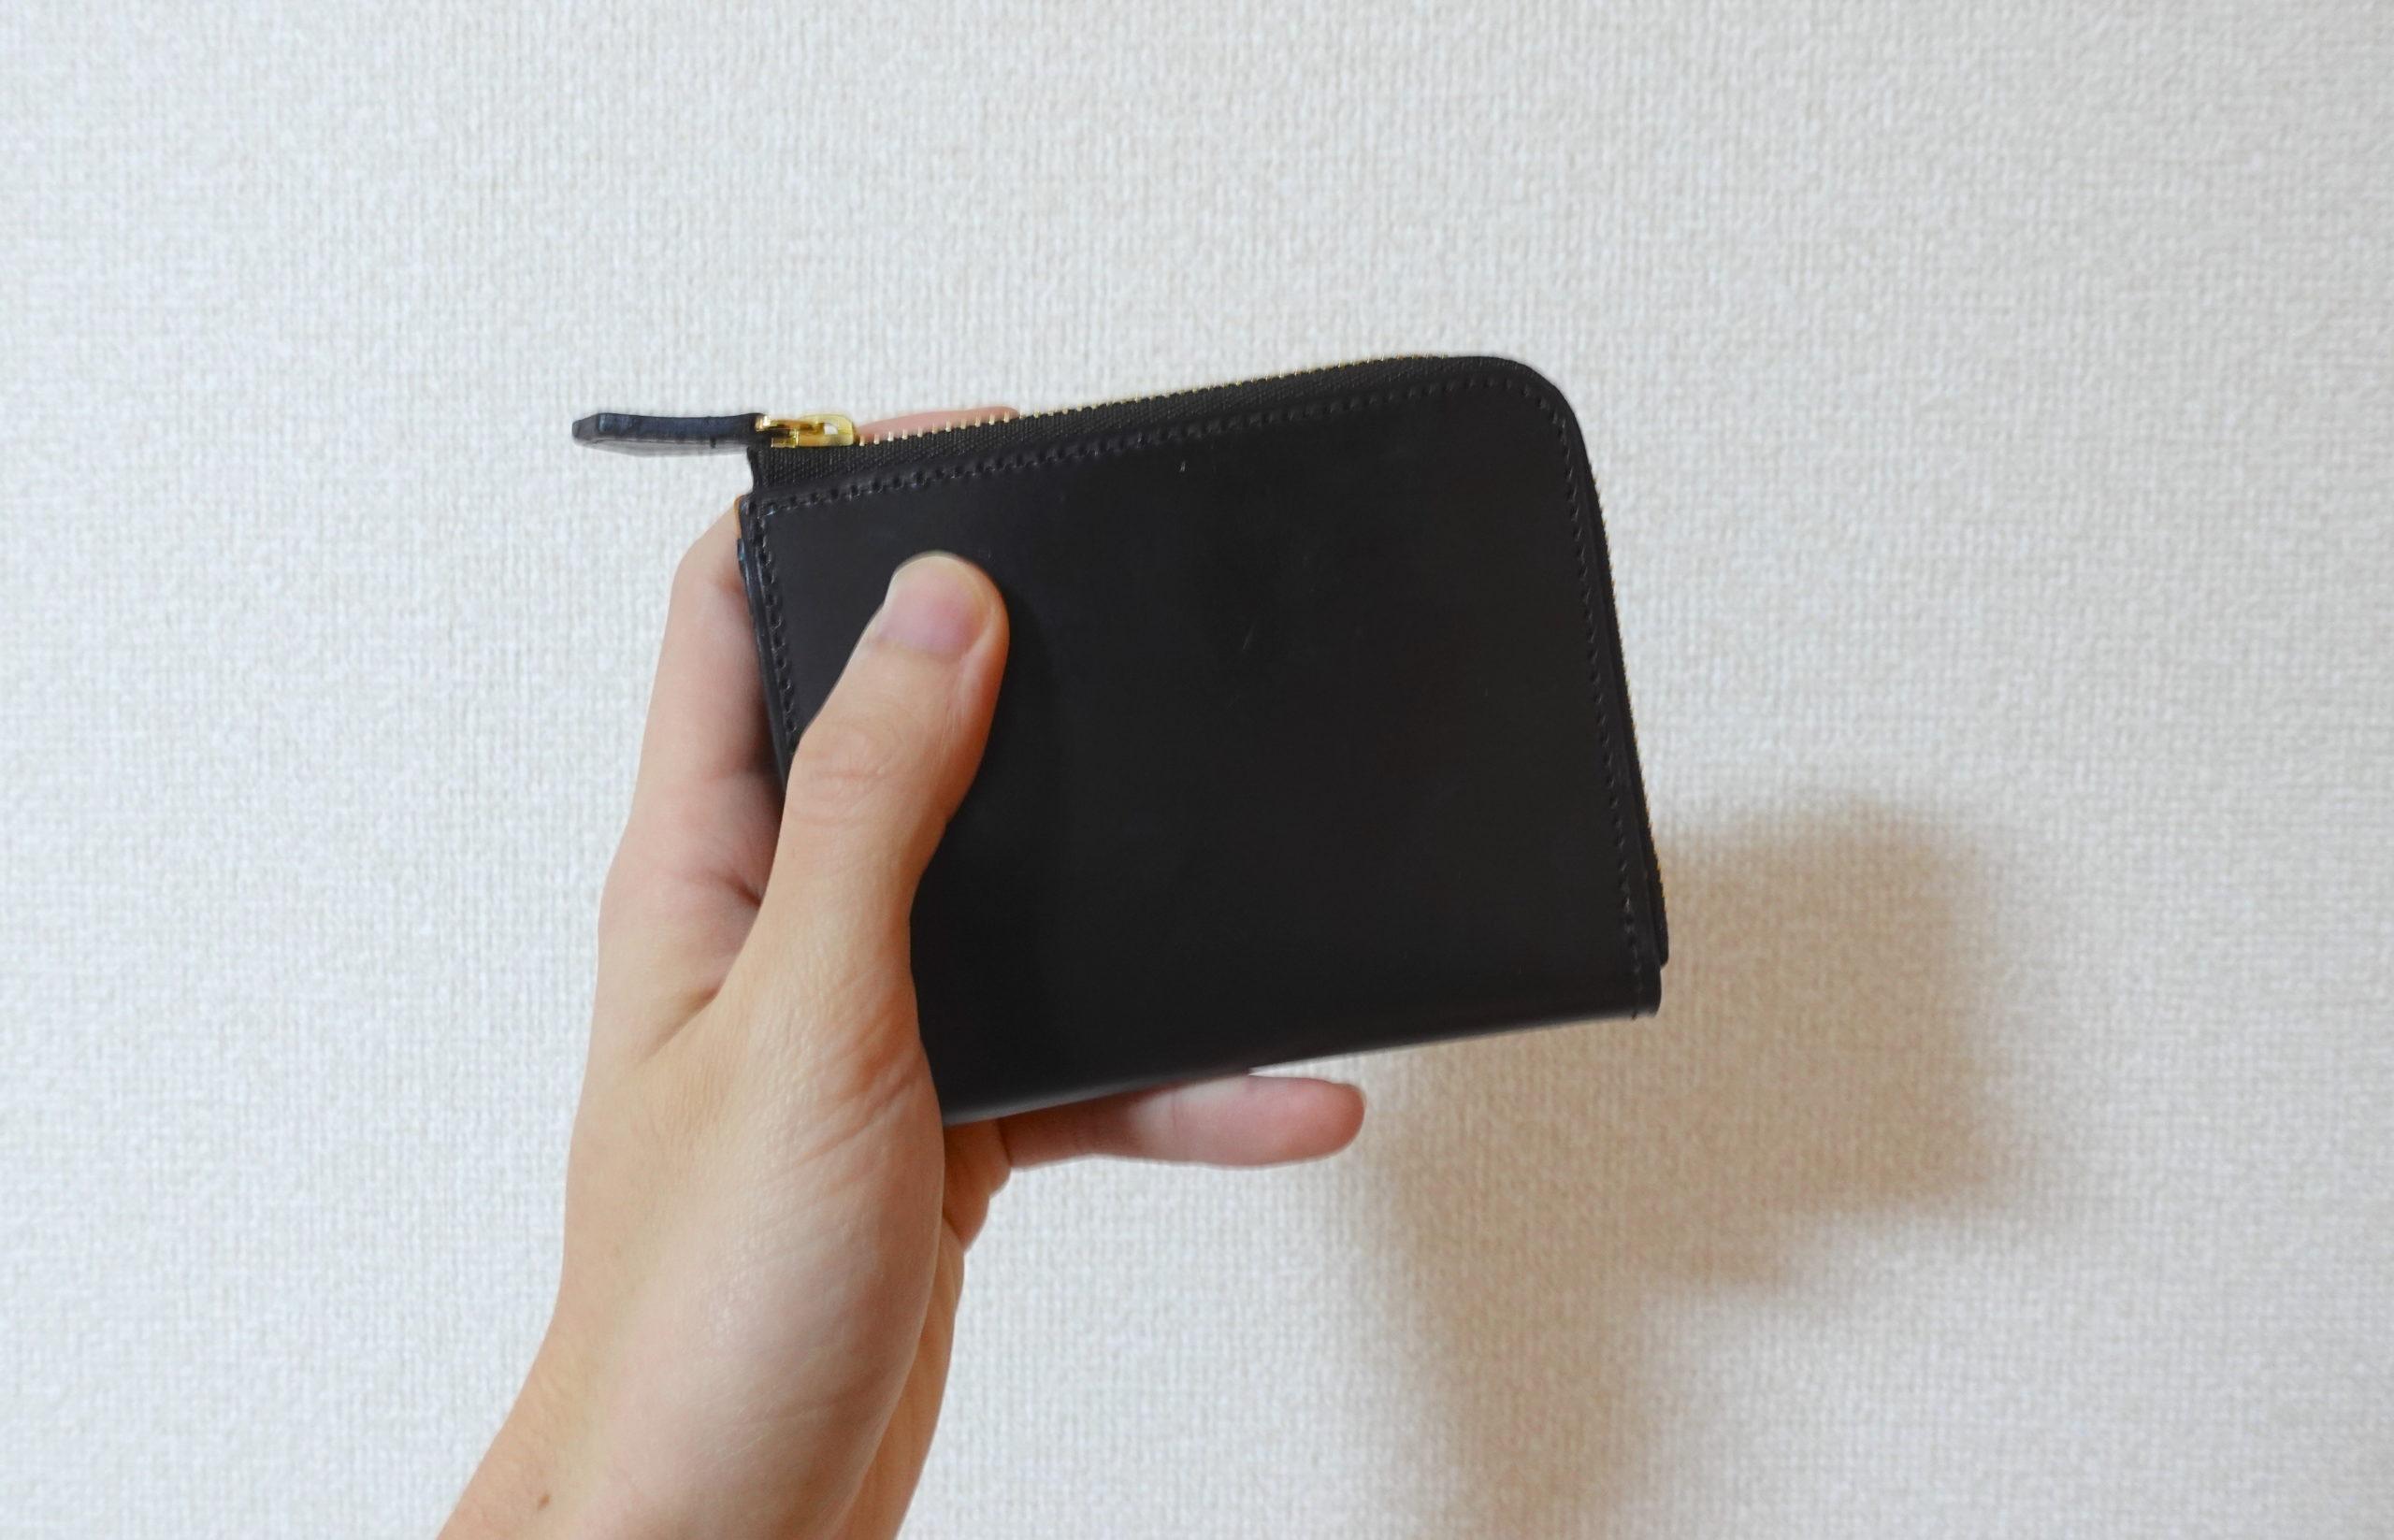 crafsto・L字ファスナー財布をレビュー。手に取った瞬間に惚れた